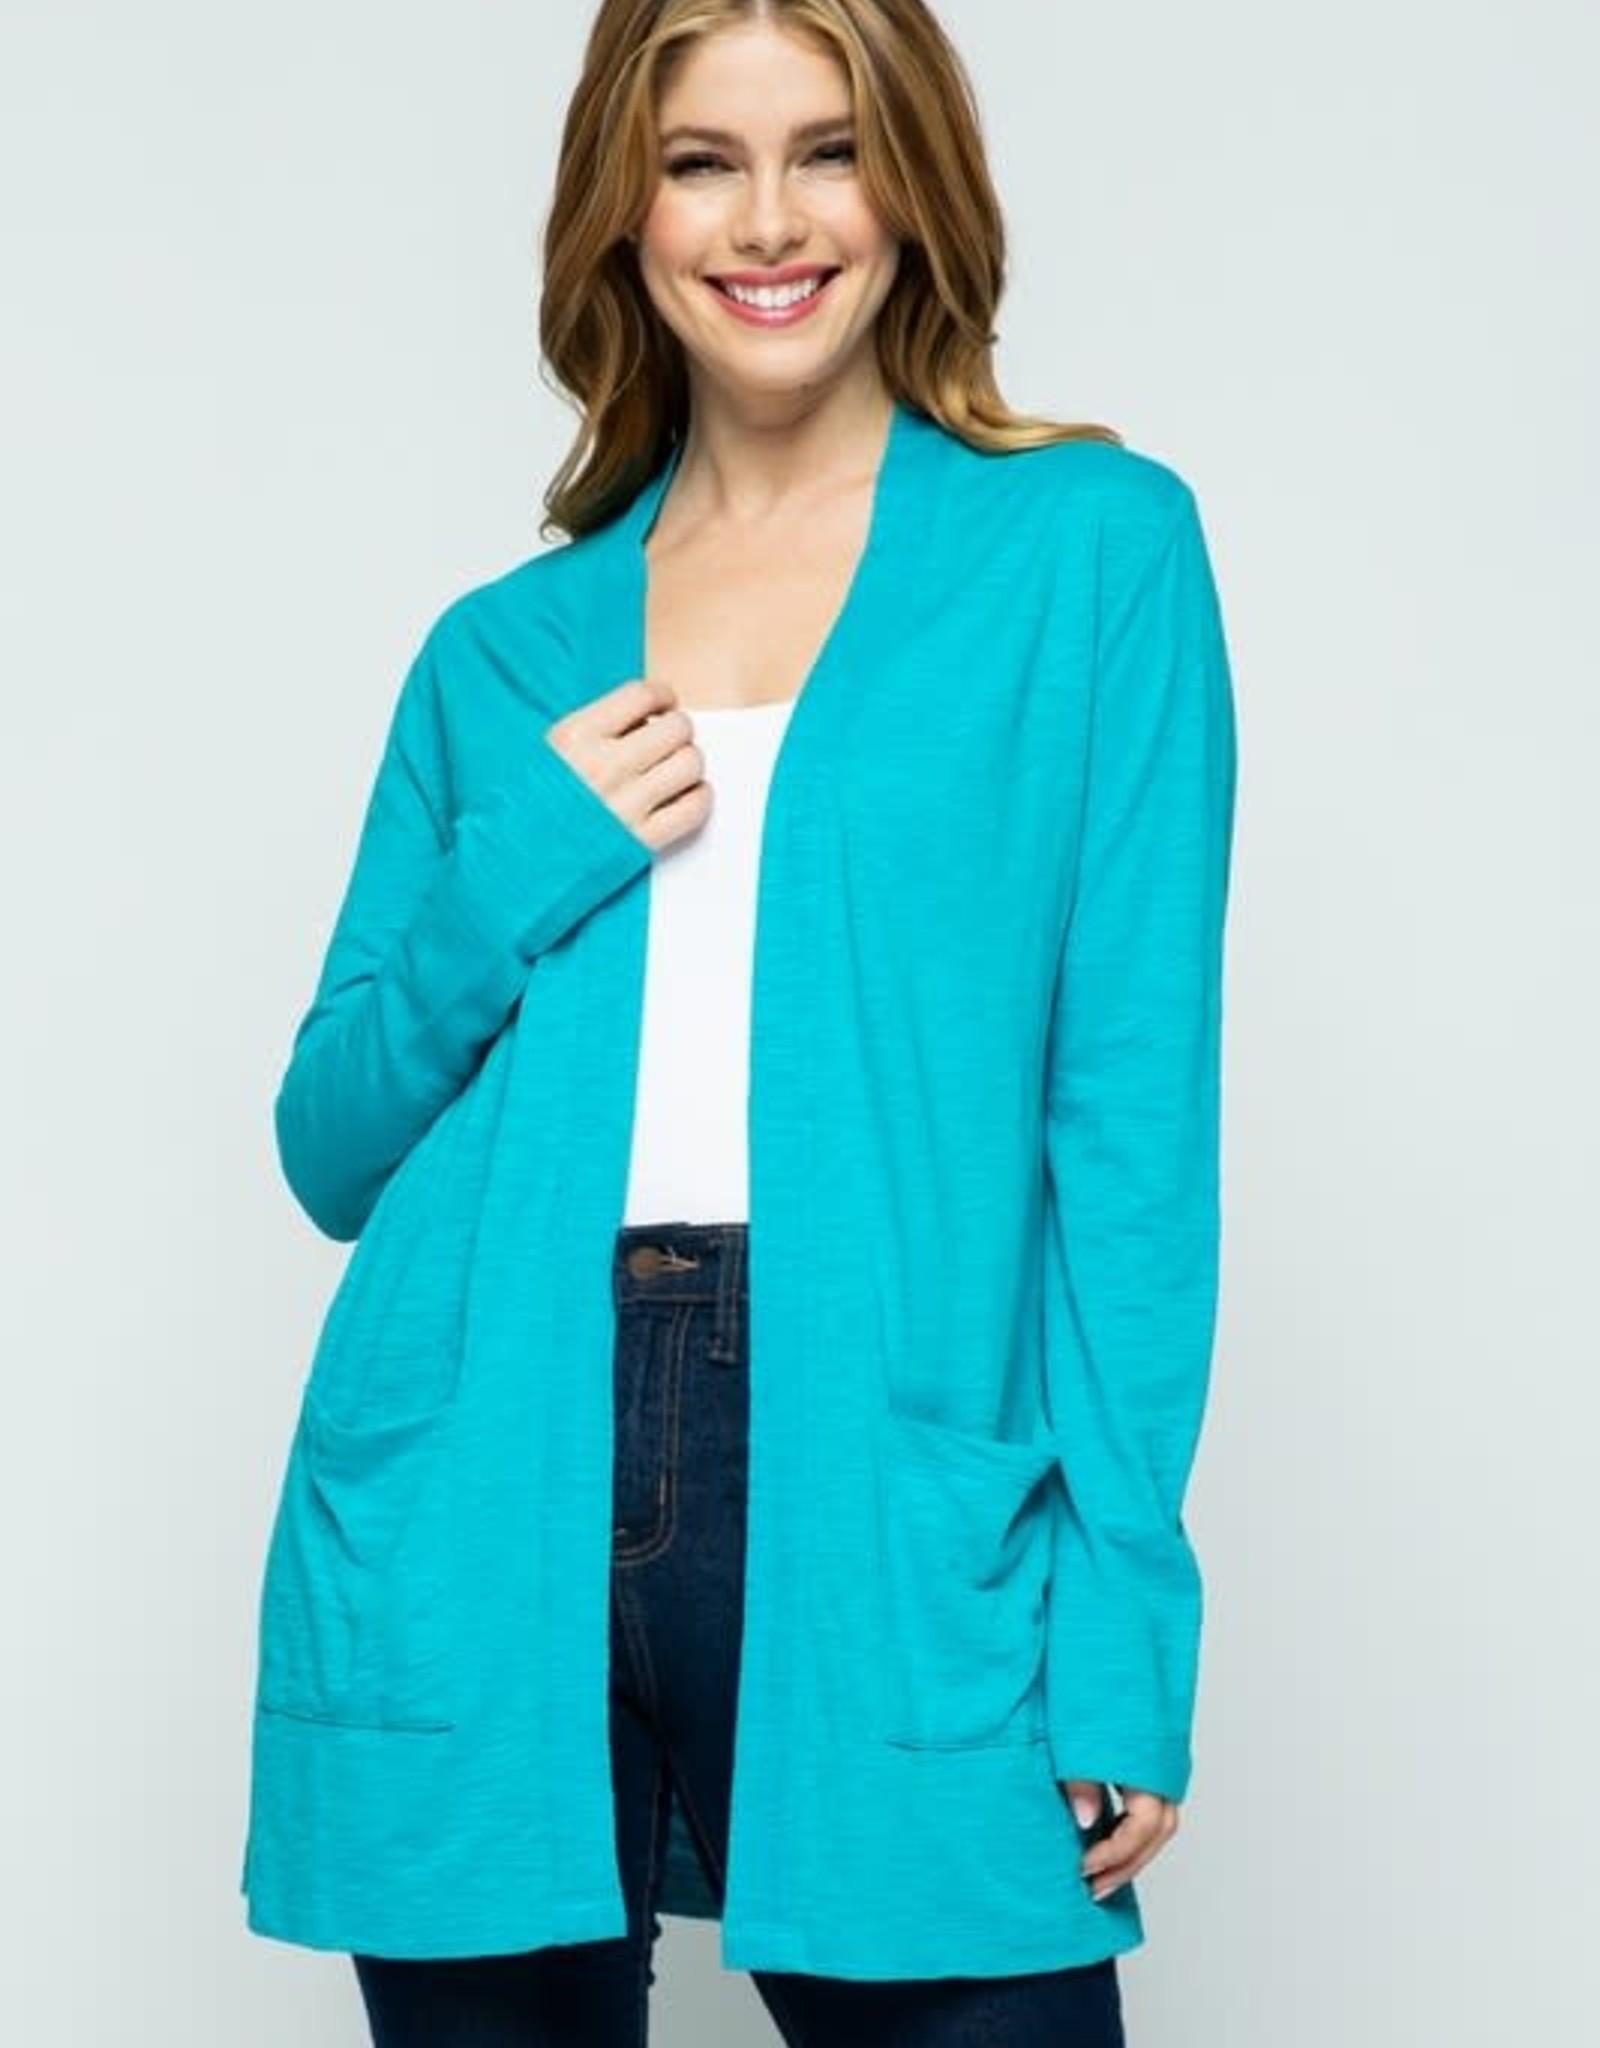 Aligier Blue Open Front Knit Cardigan